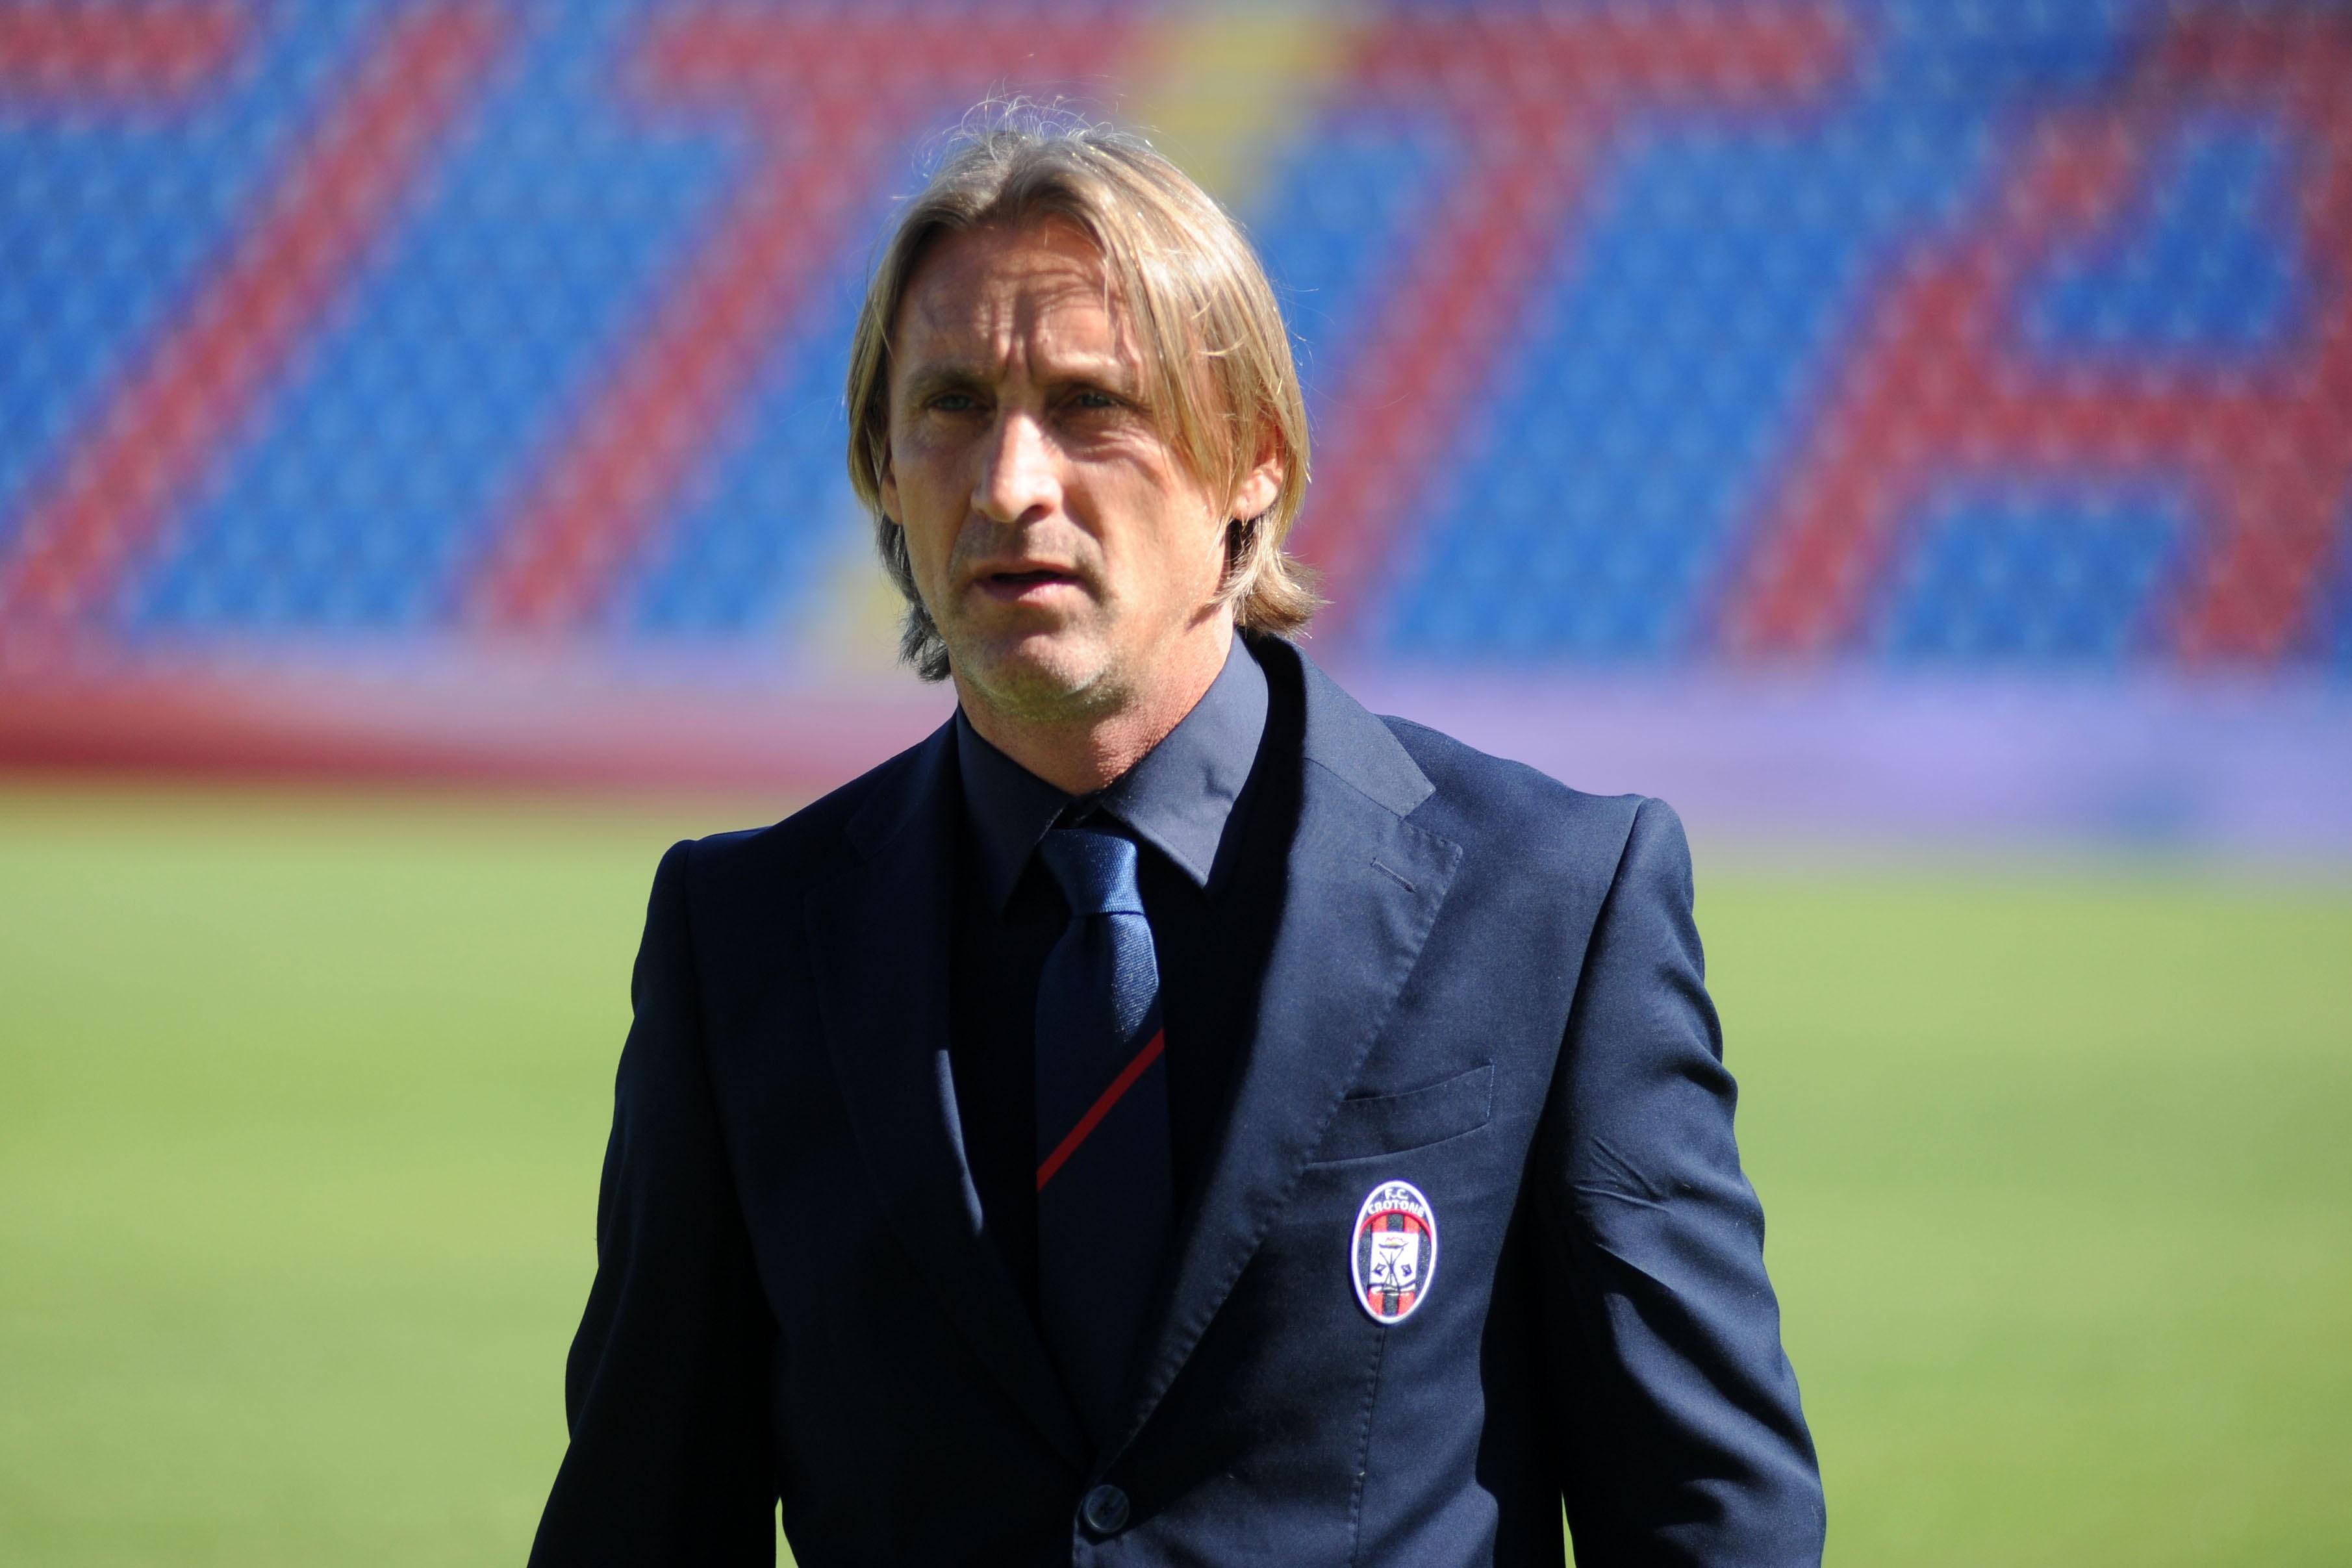 Serie A, Crotone con più equilibrio e coraggioEcco la ricetta di Nicola per battere il Bologna